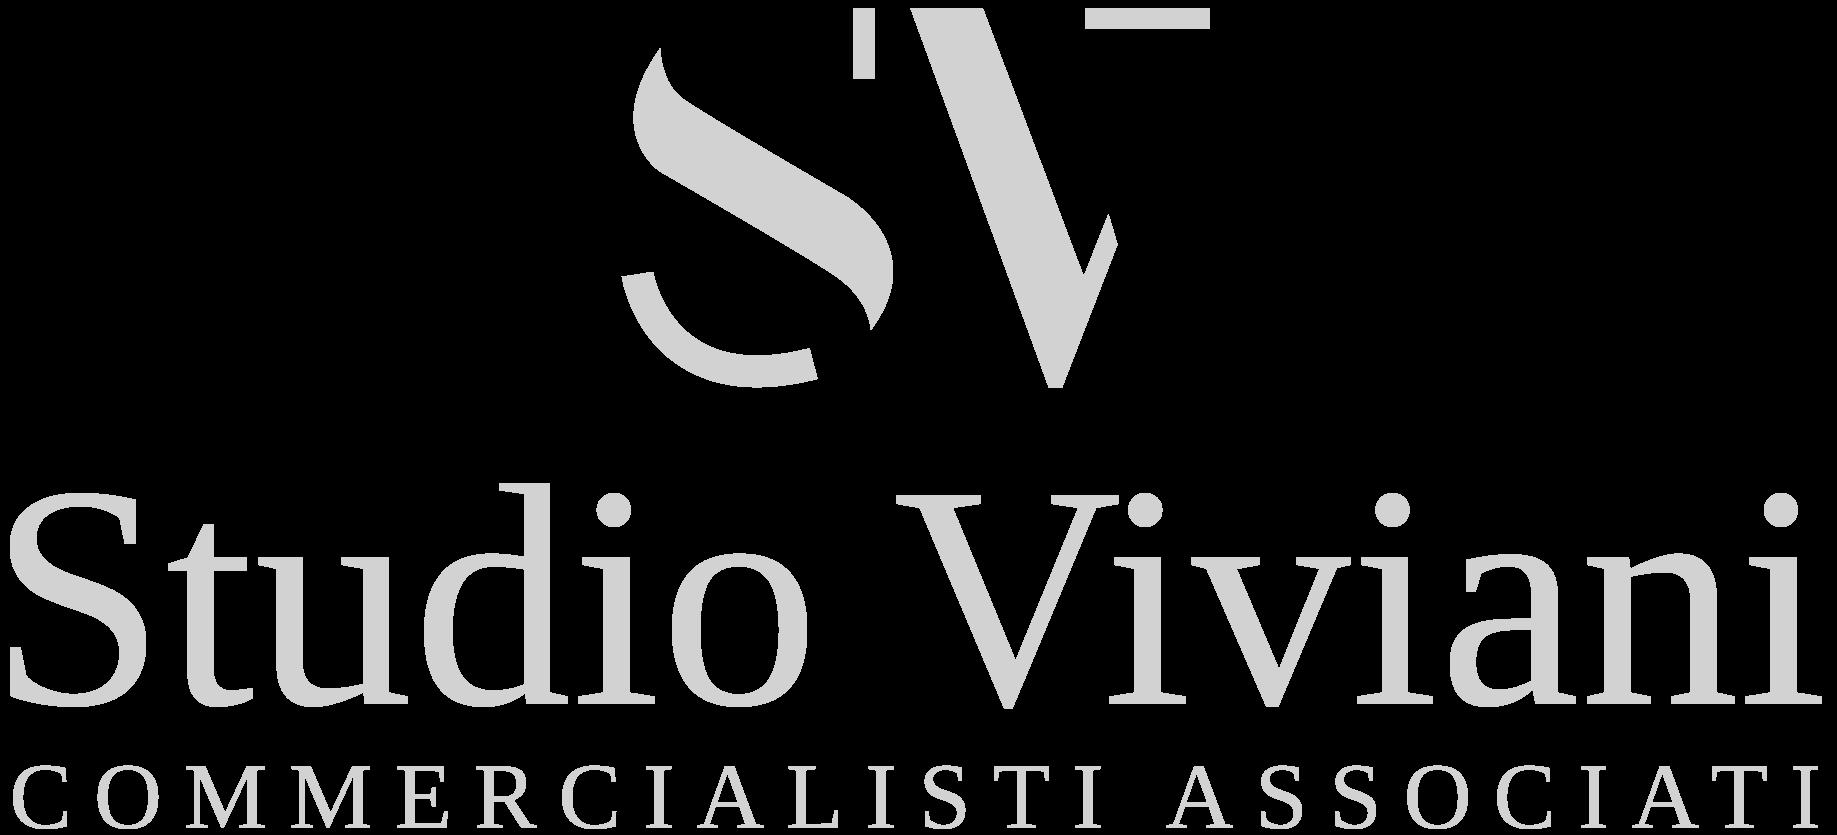 Studio Viviani